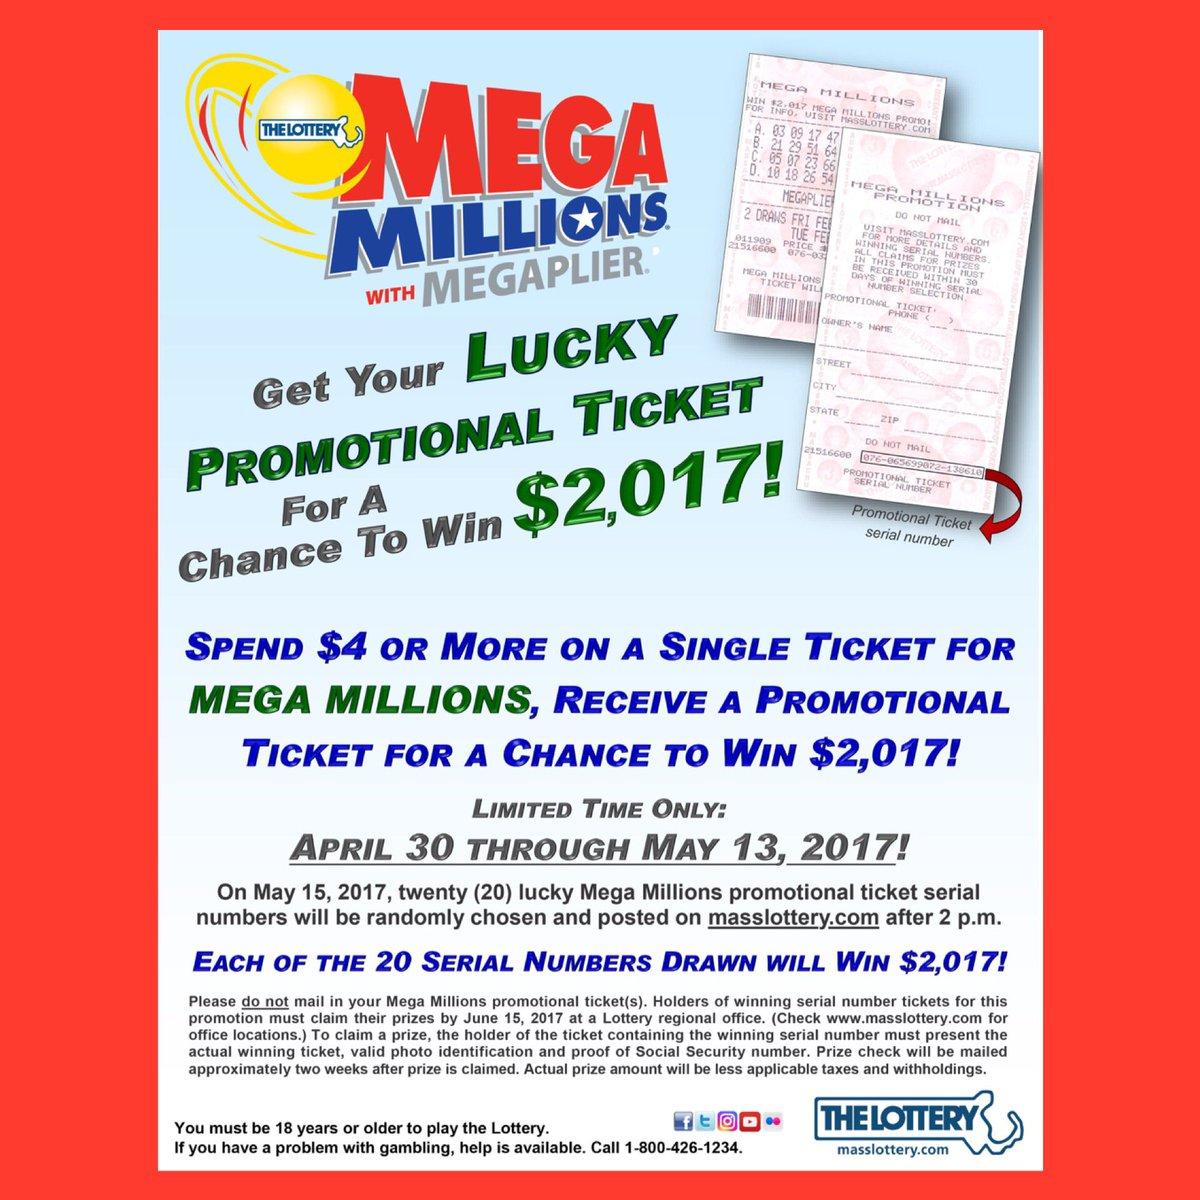 mega millions promotion ticket serial numbers